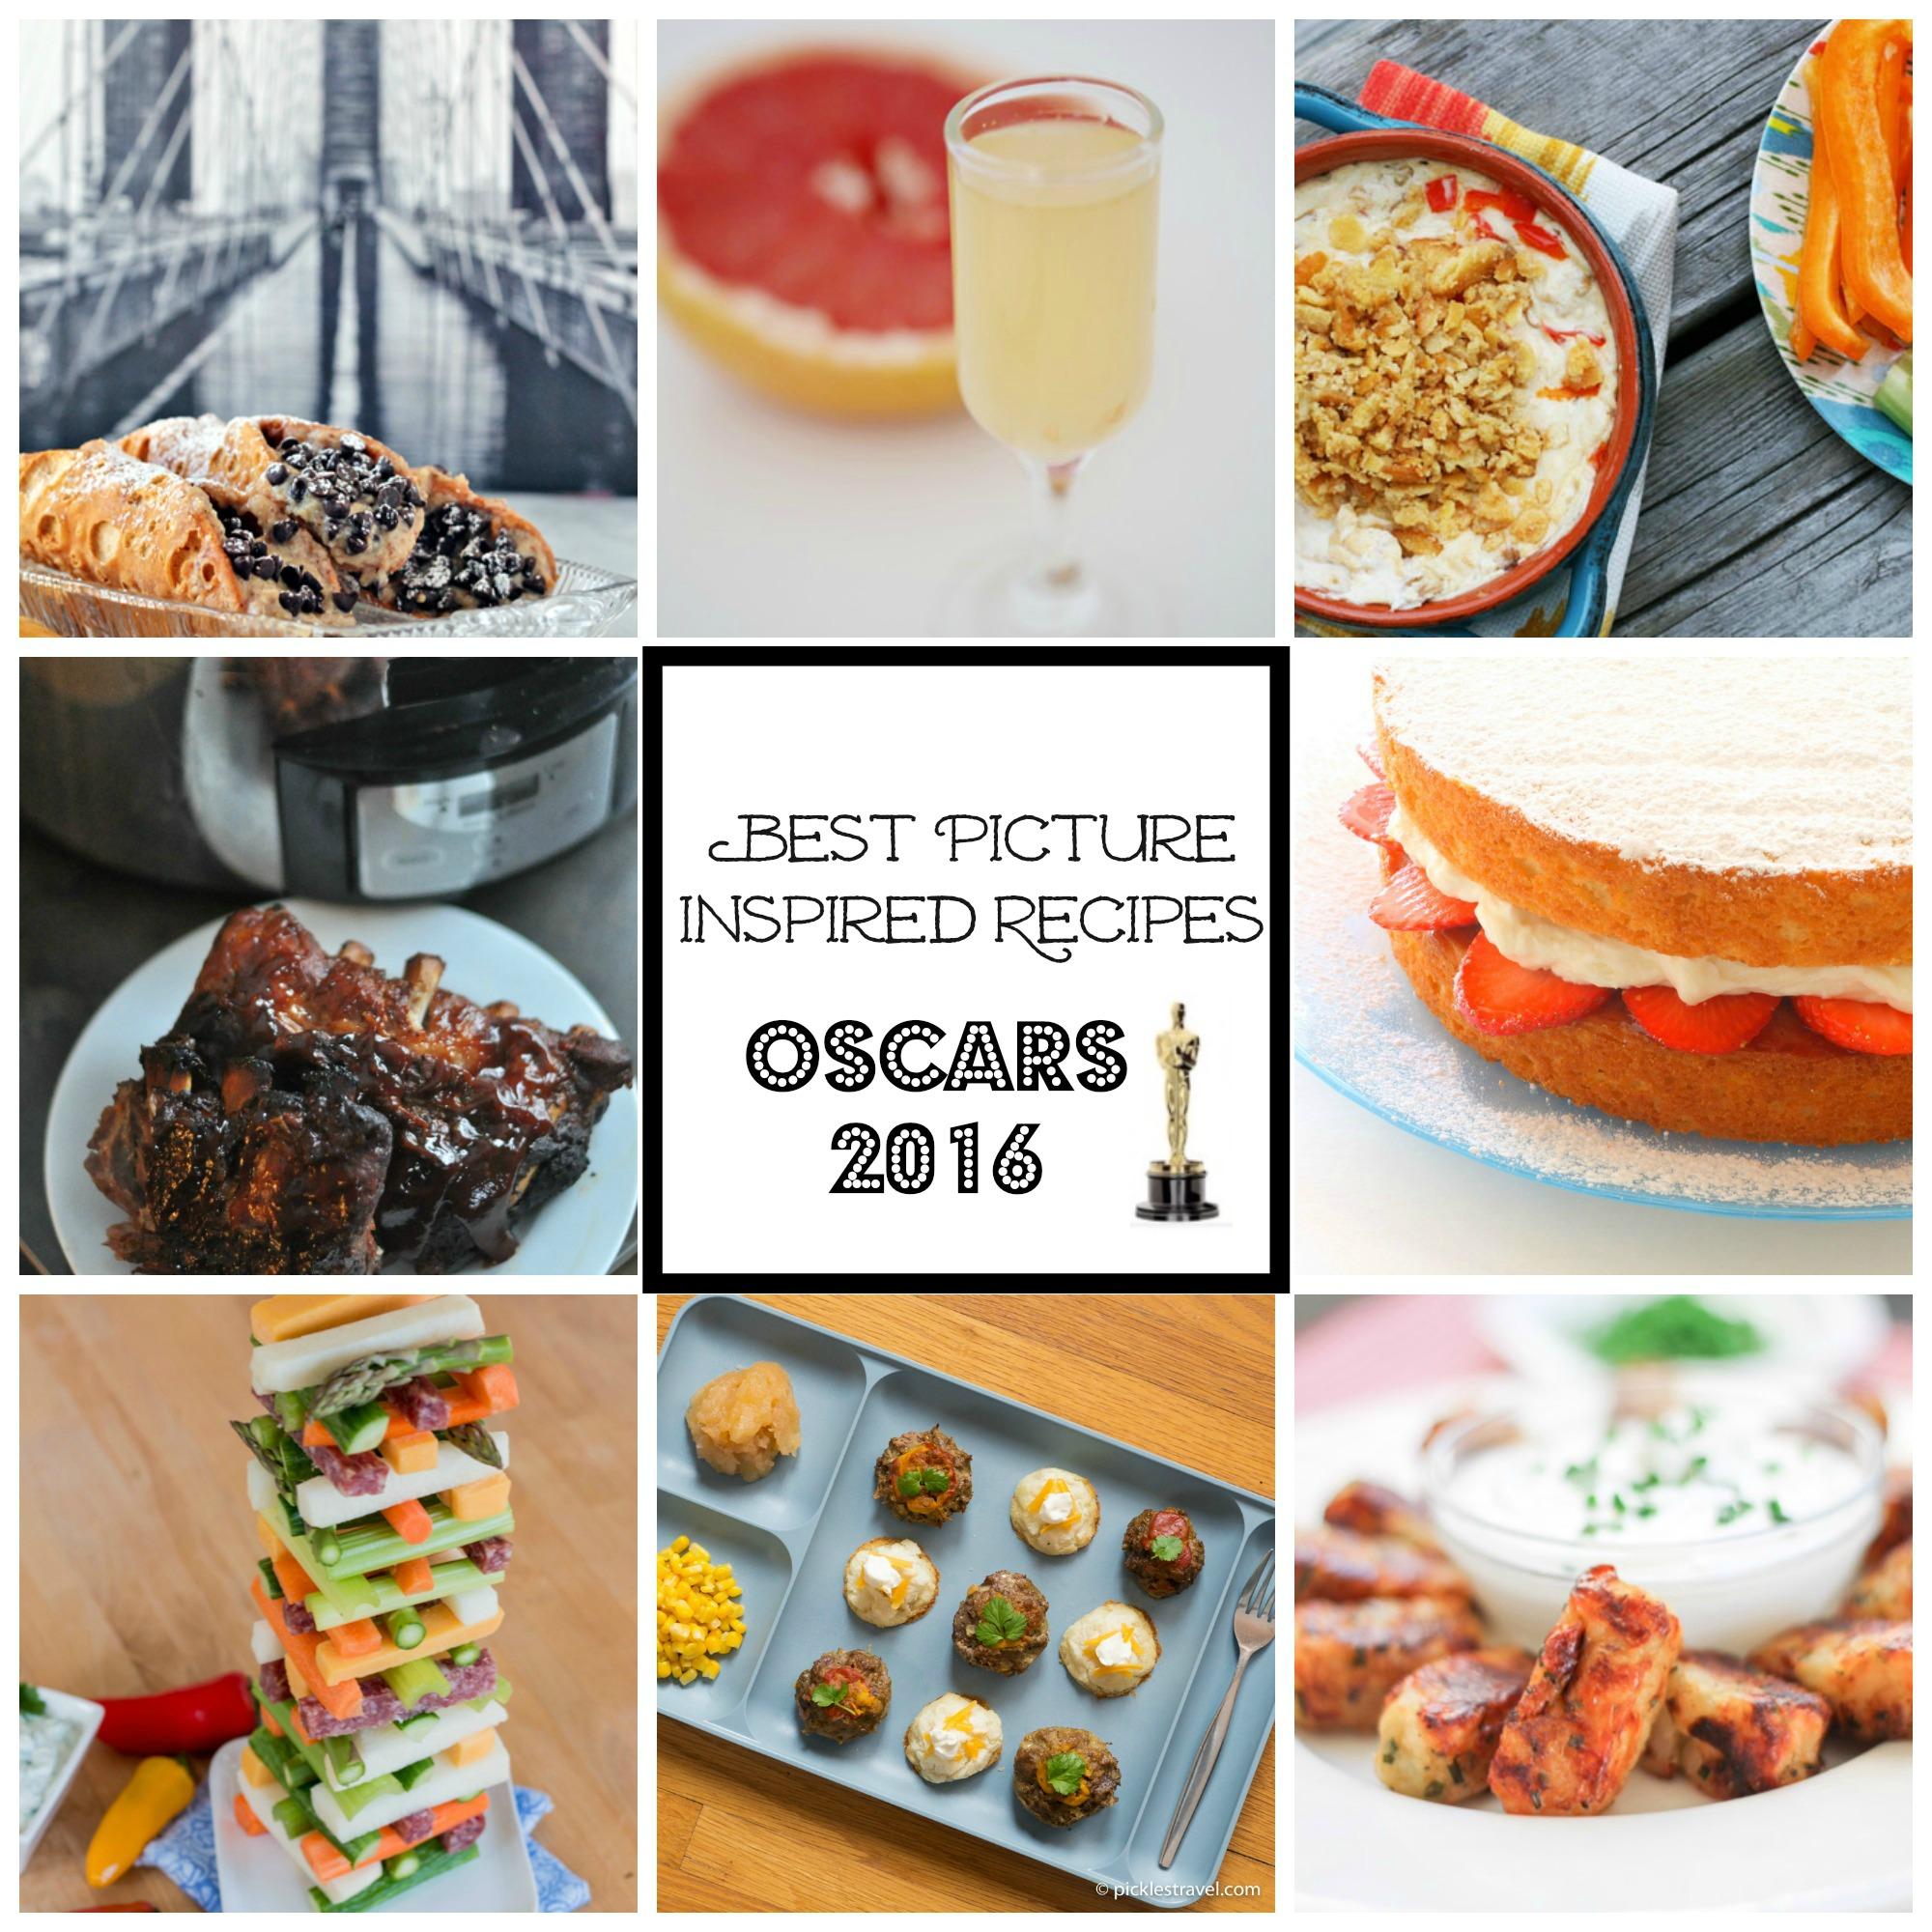 2016 Oscars Inspired Recipes